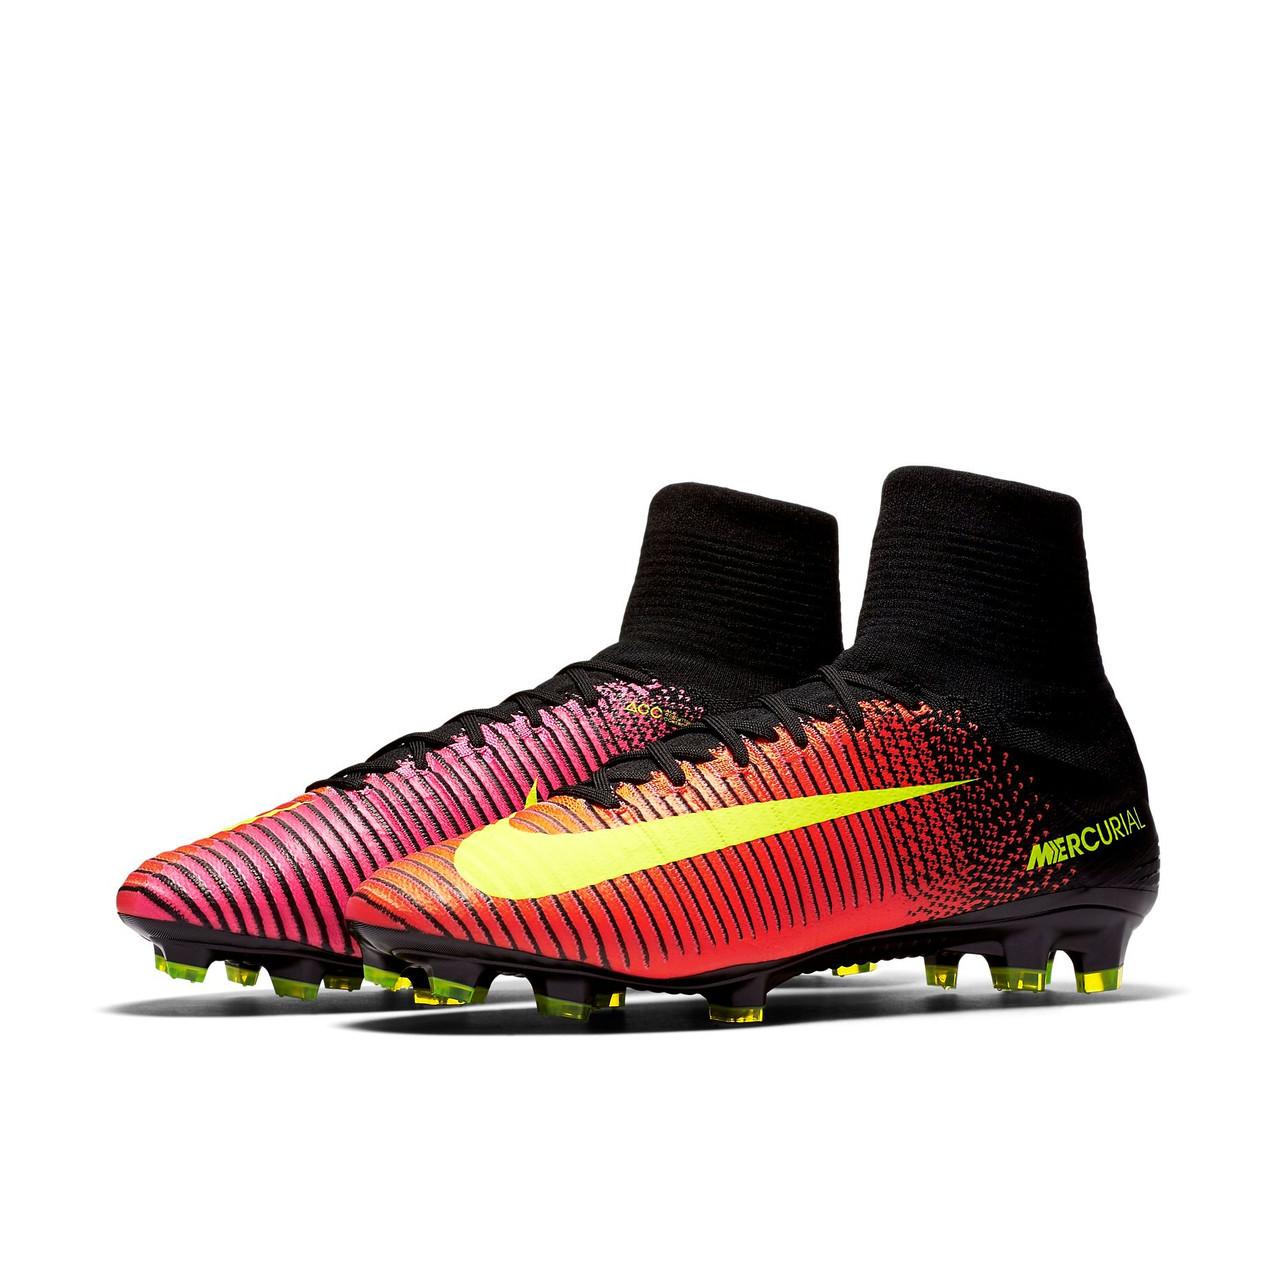 3f37d4f6c2a9 Футбольные бутсы Nike Mercurial Superfly V FG - ФУТБОЛЬНЫЙ ИНТЕРНЕТ МАГАЗИН  в Днепре